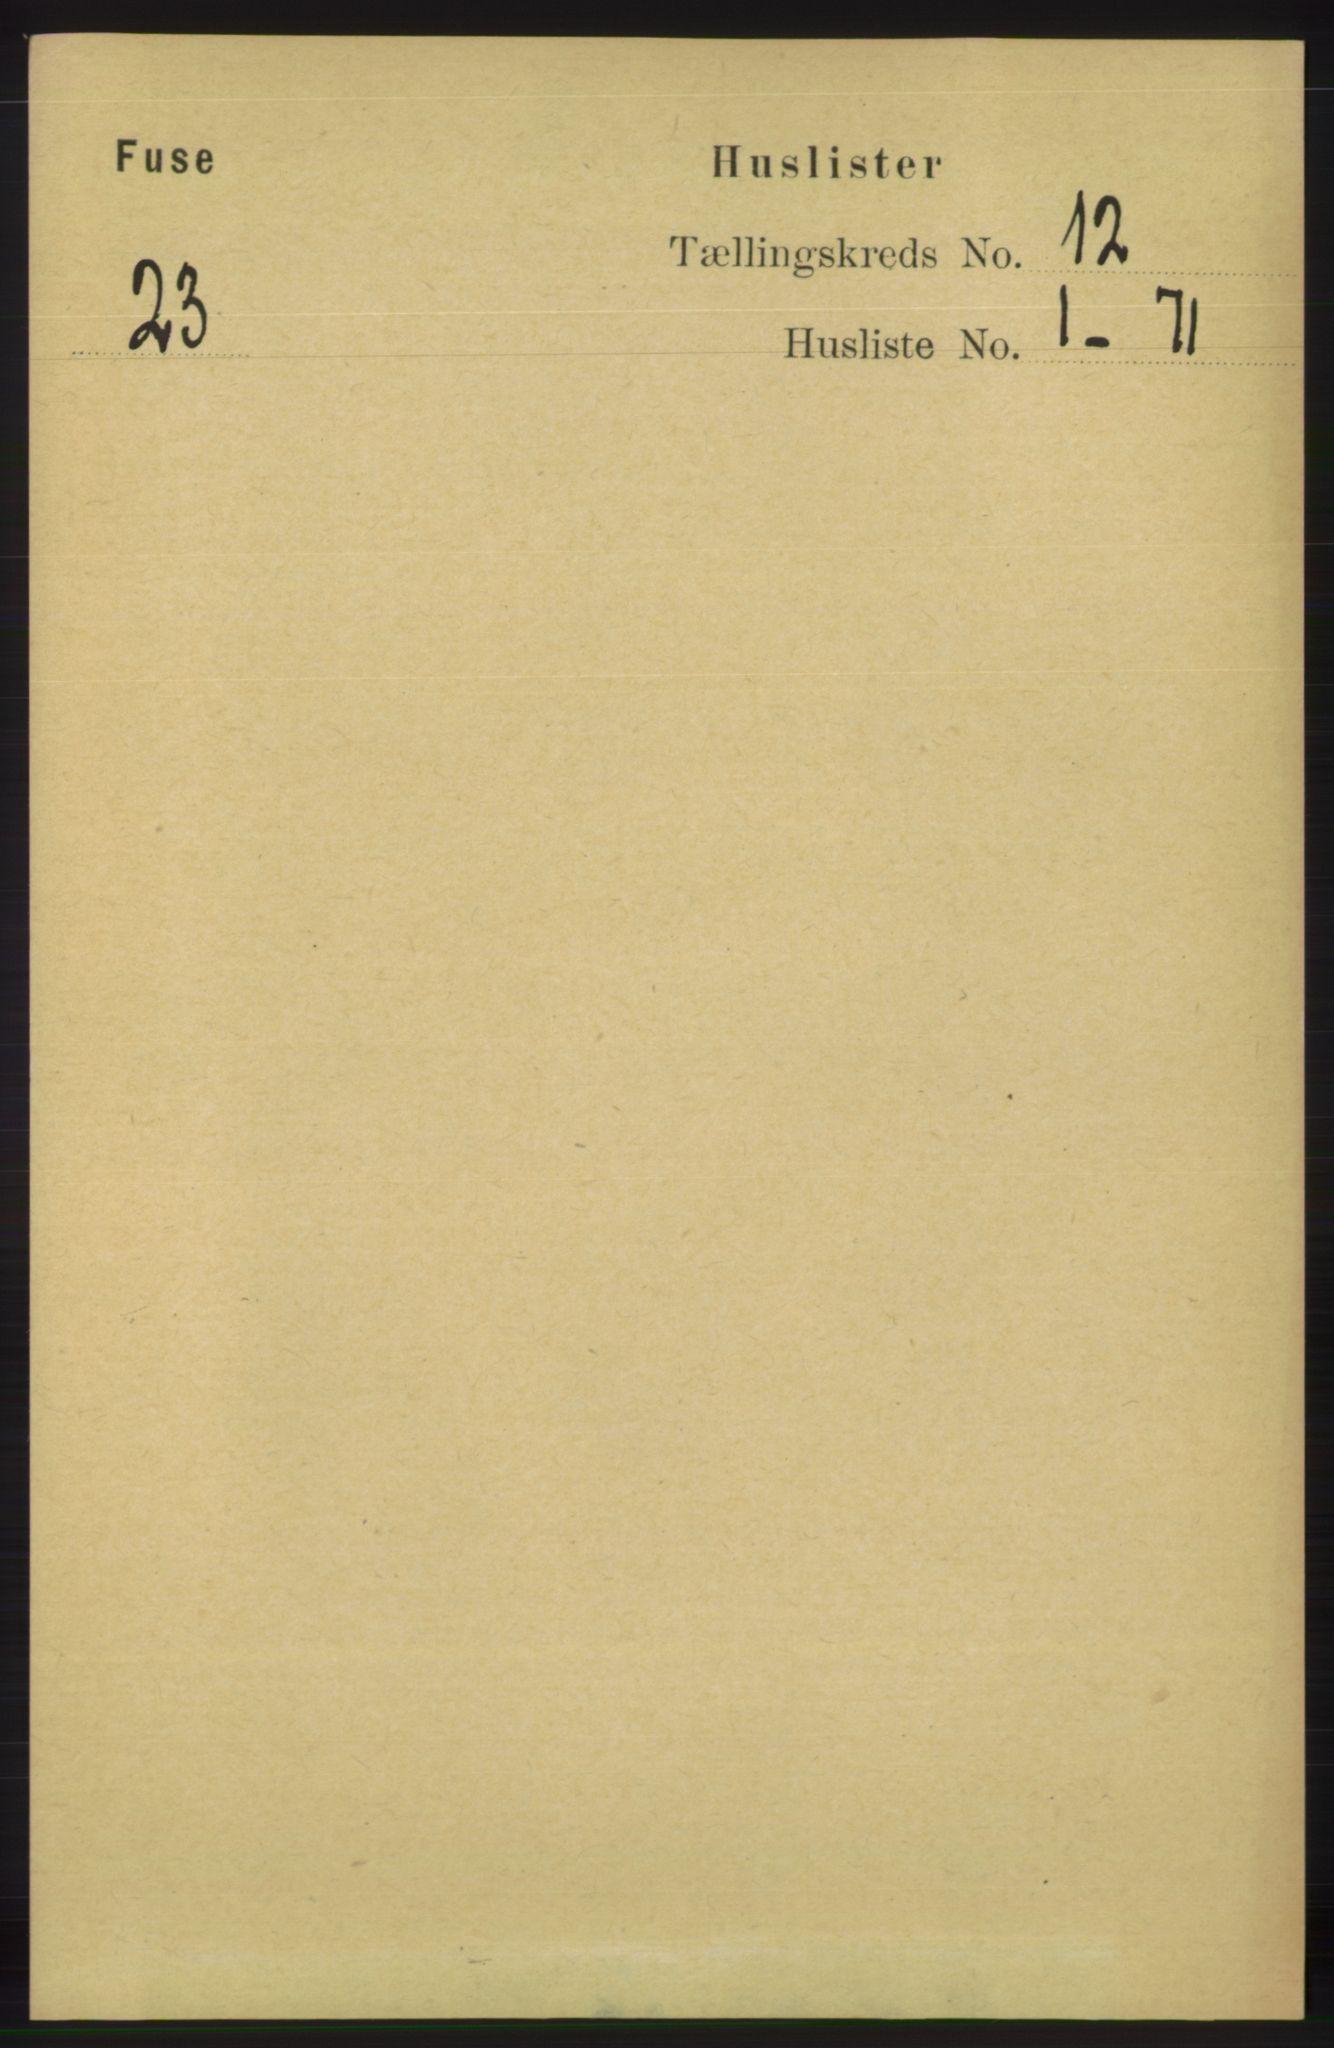 RA, Folketelling 1891 for 1241 Fusa herred, 1891, s. 2300